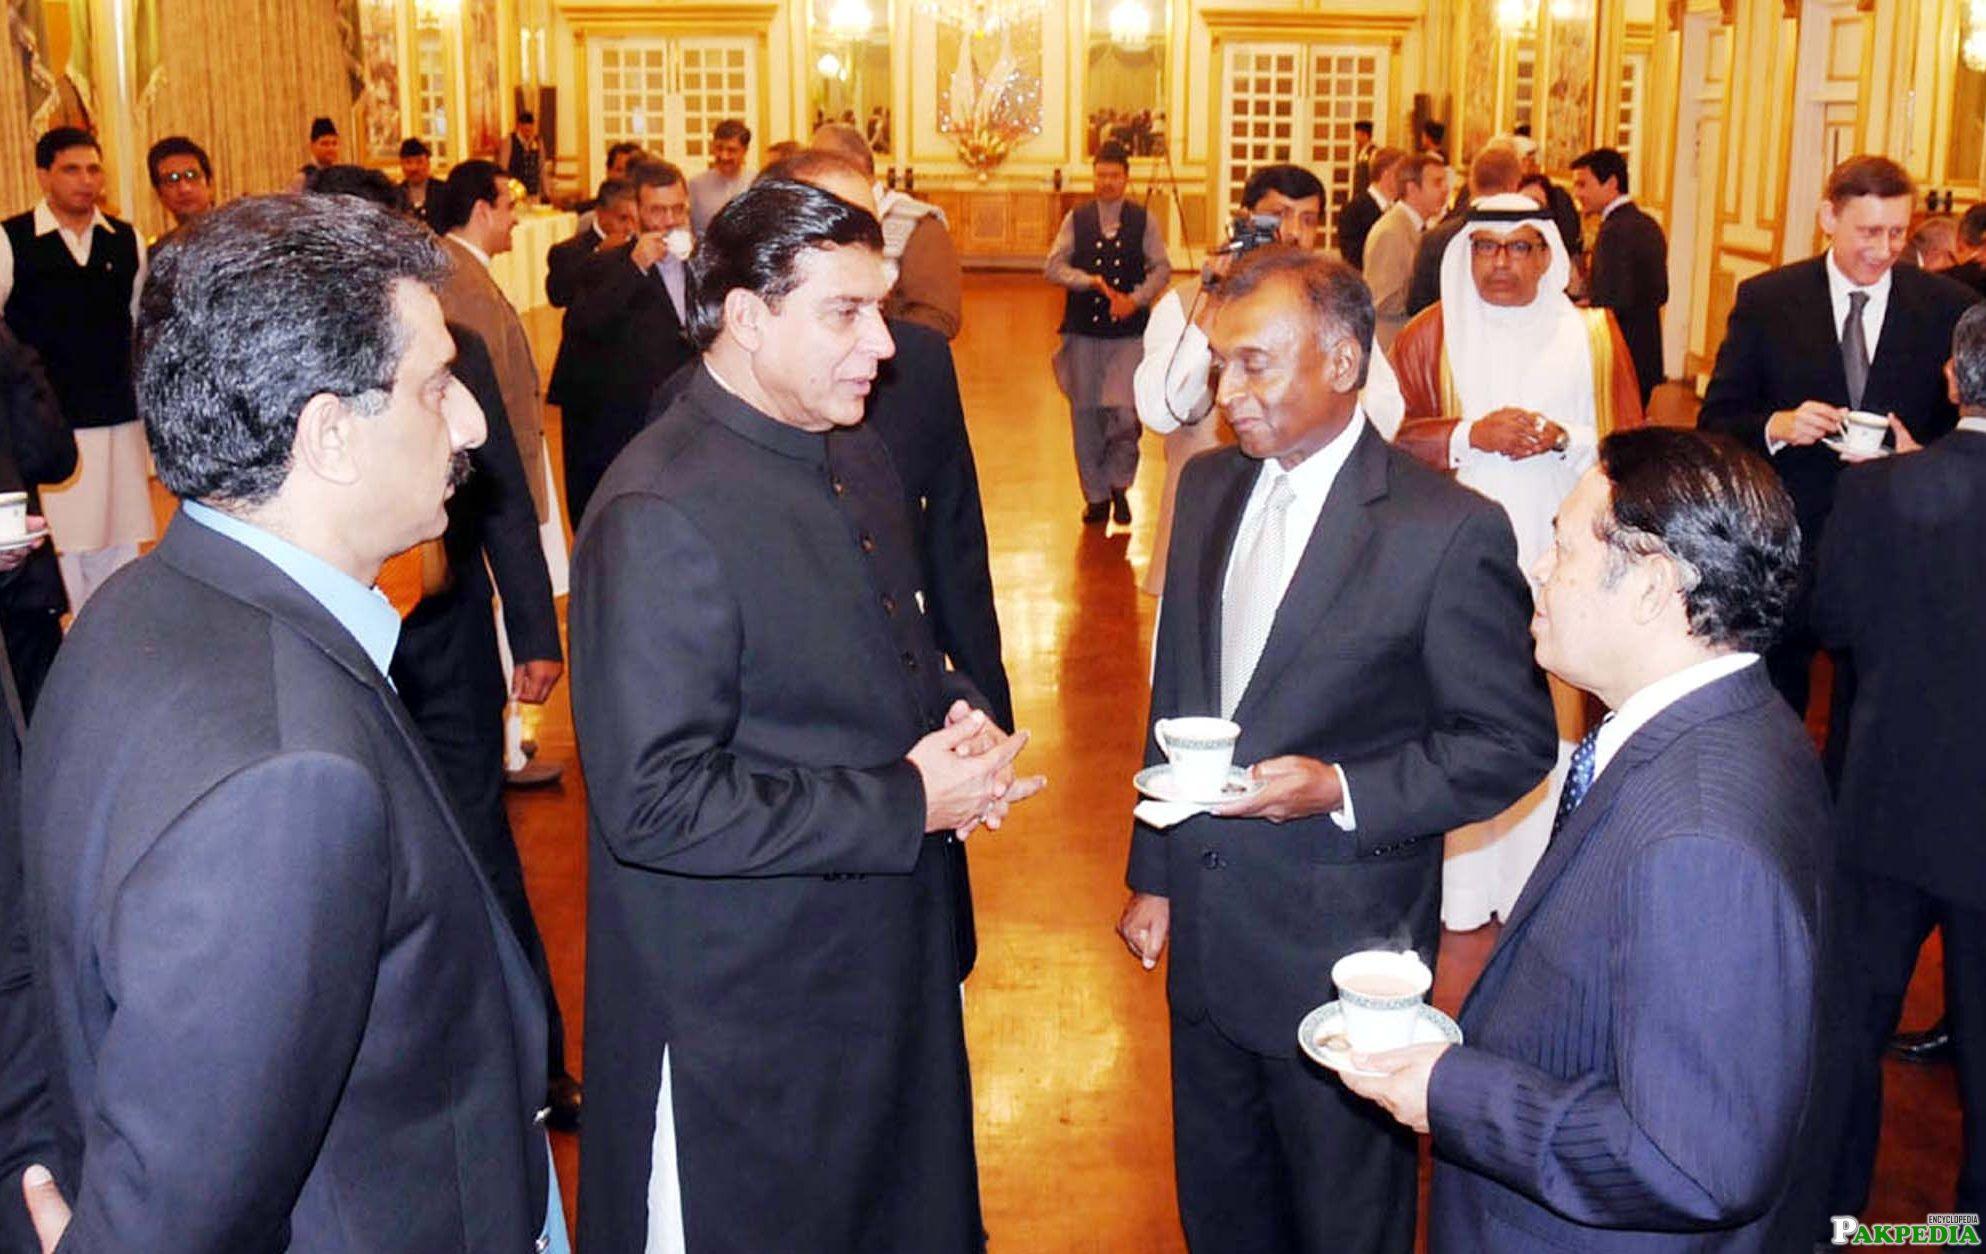 Raja Pervaiz Ashraf Former Pakistani Prime Minister